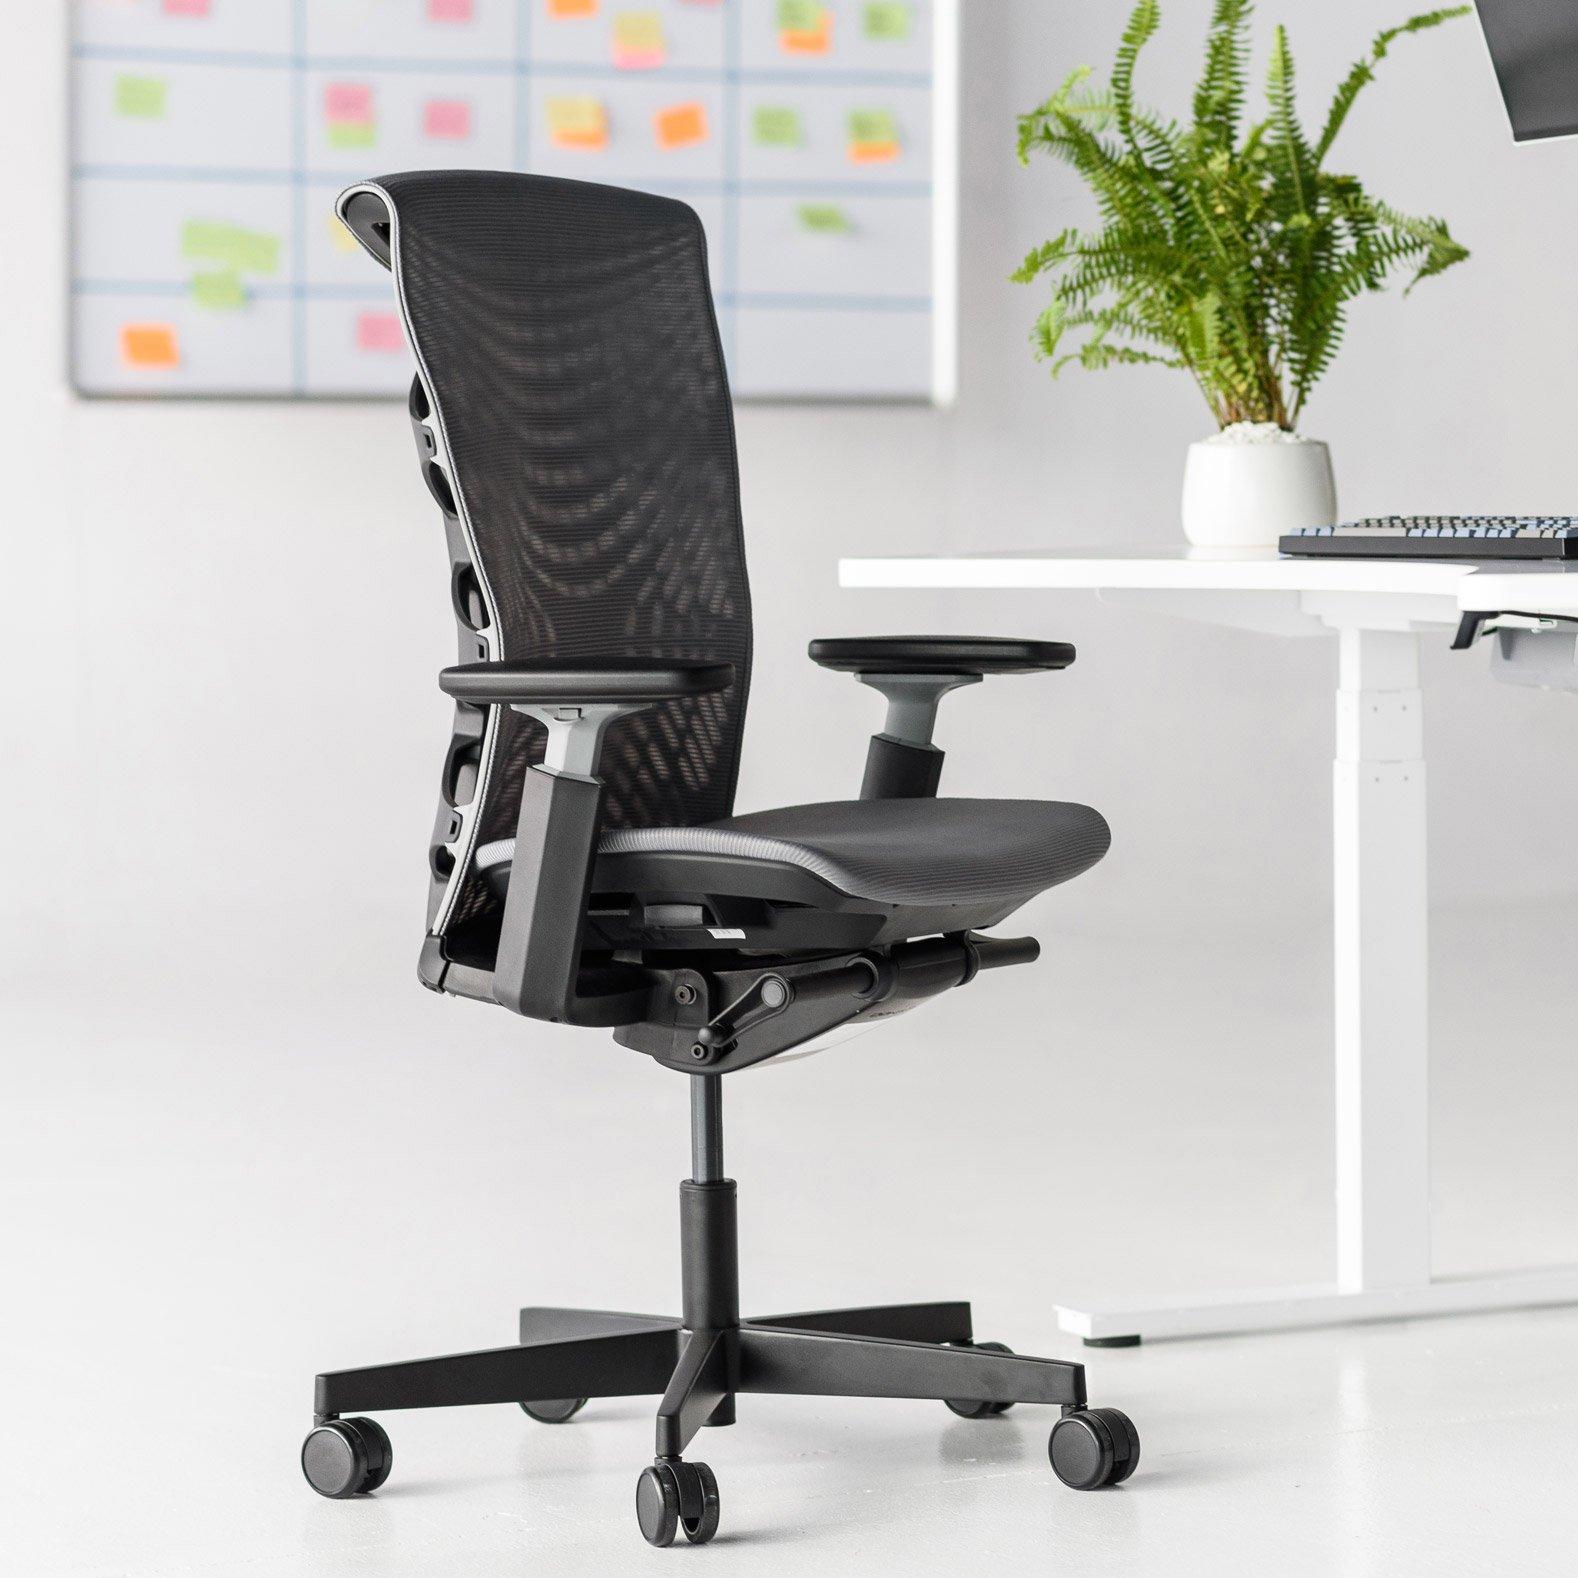 Kinn desk chair by Autonomous